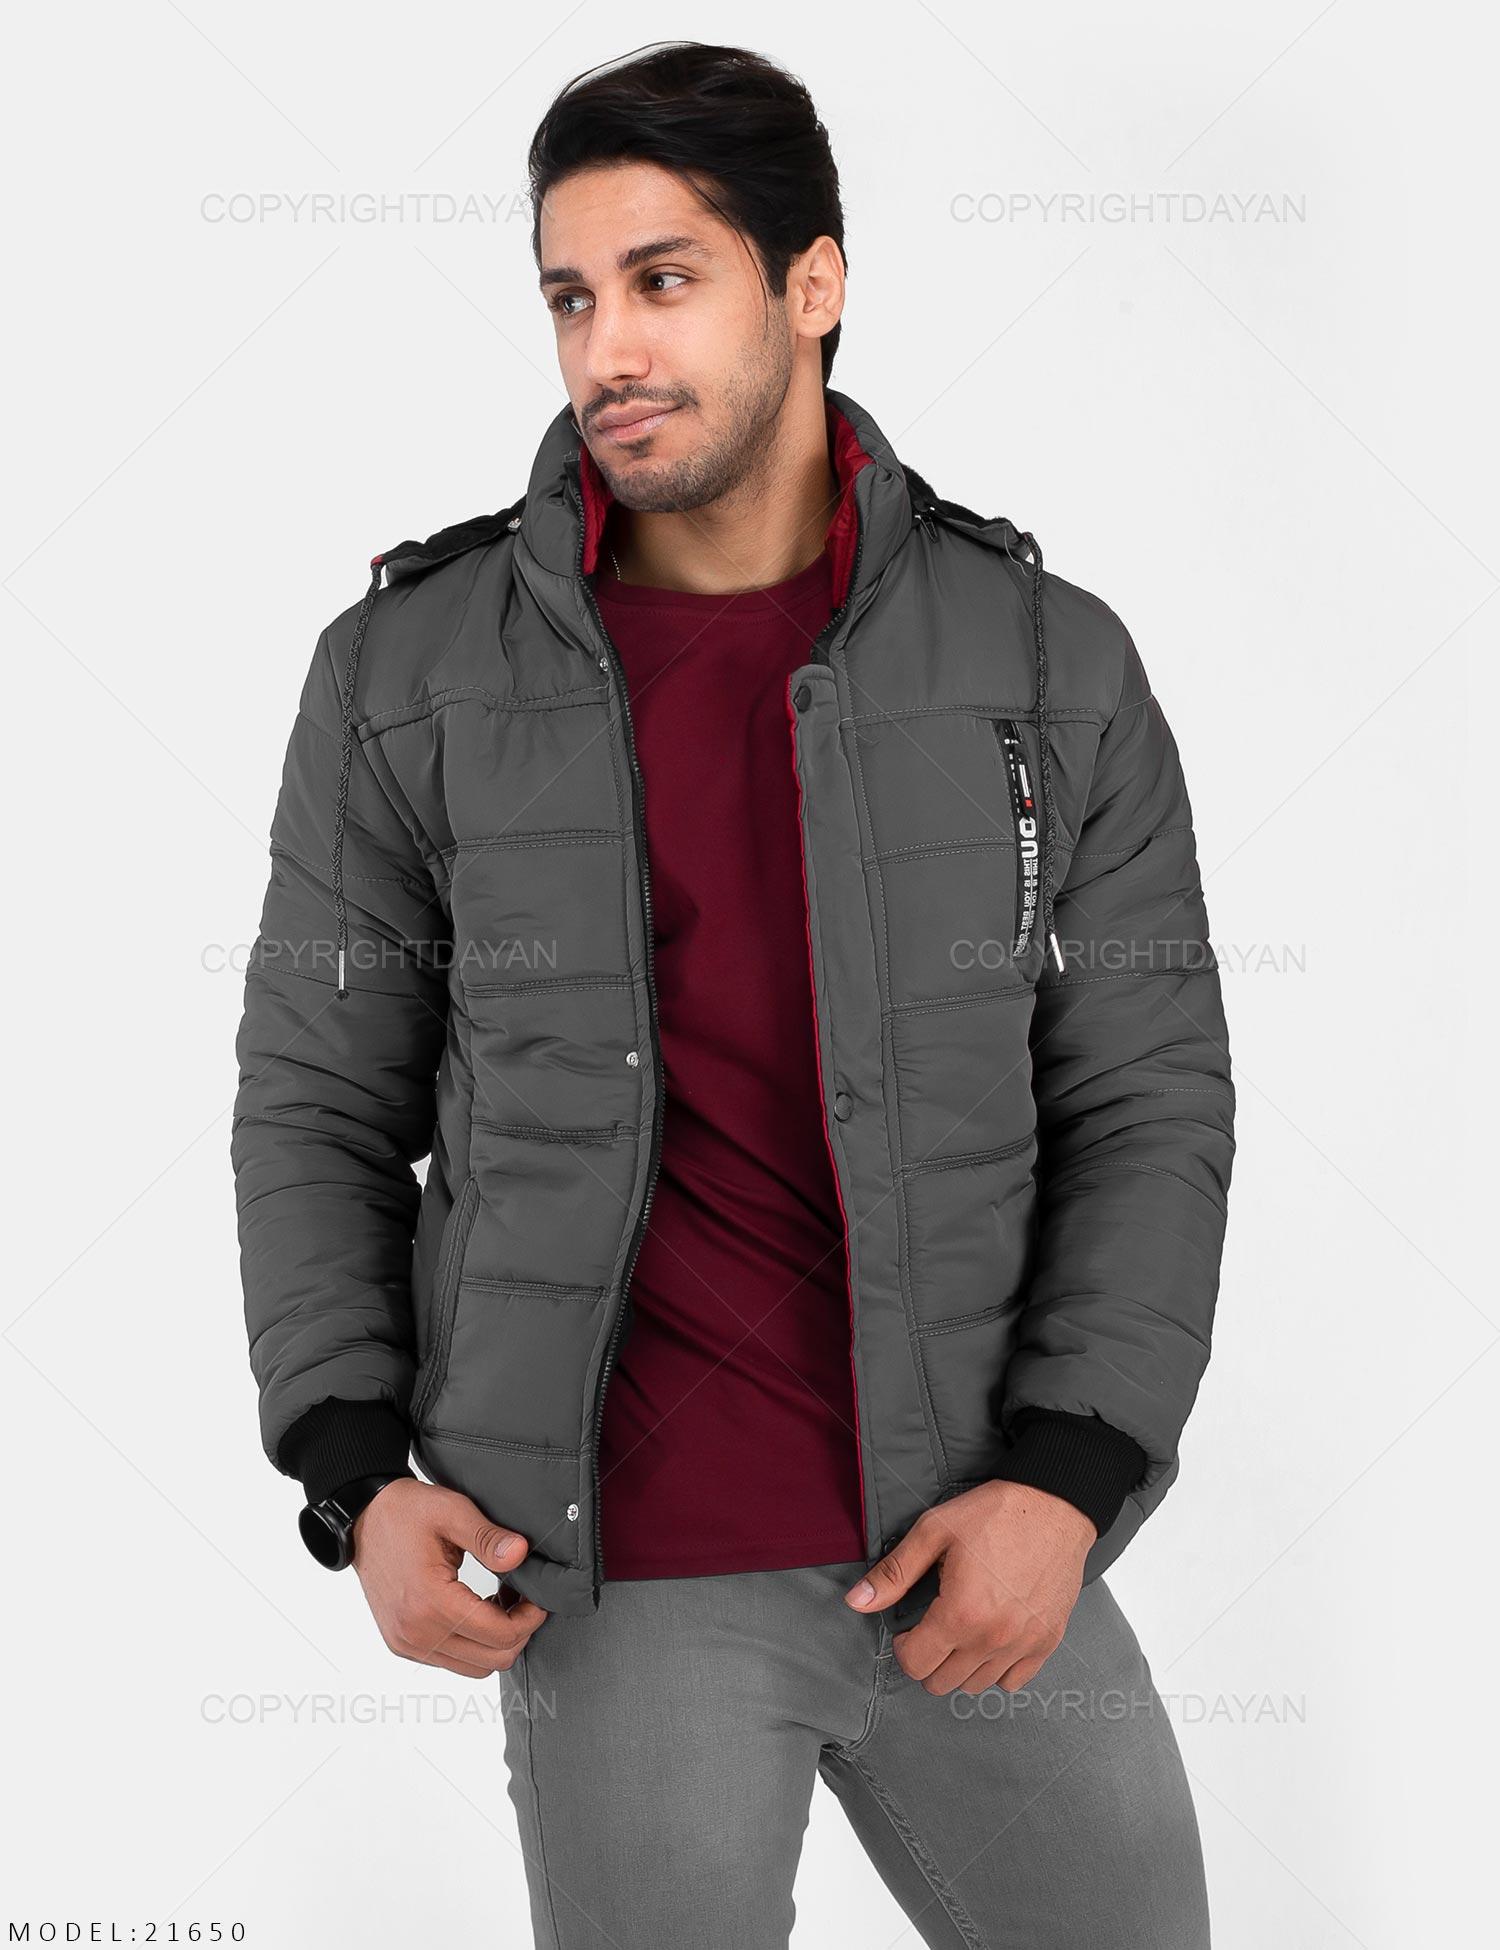 کاپشن مردانه Fashion مدل 21650